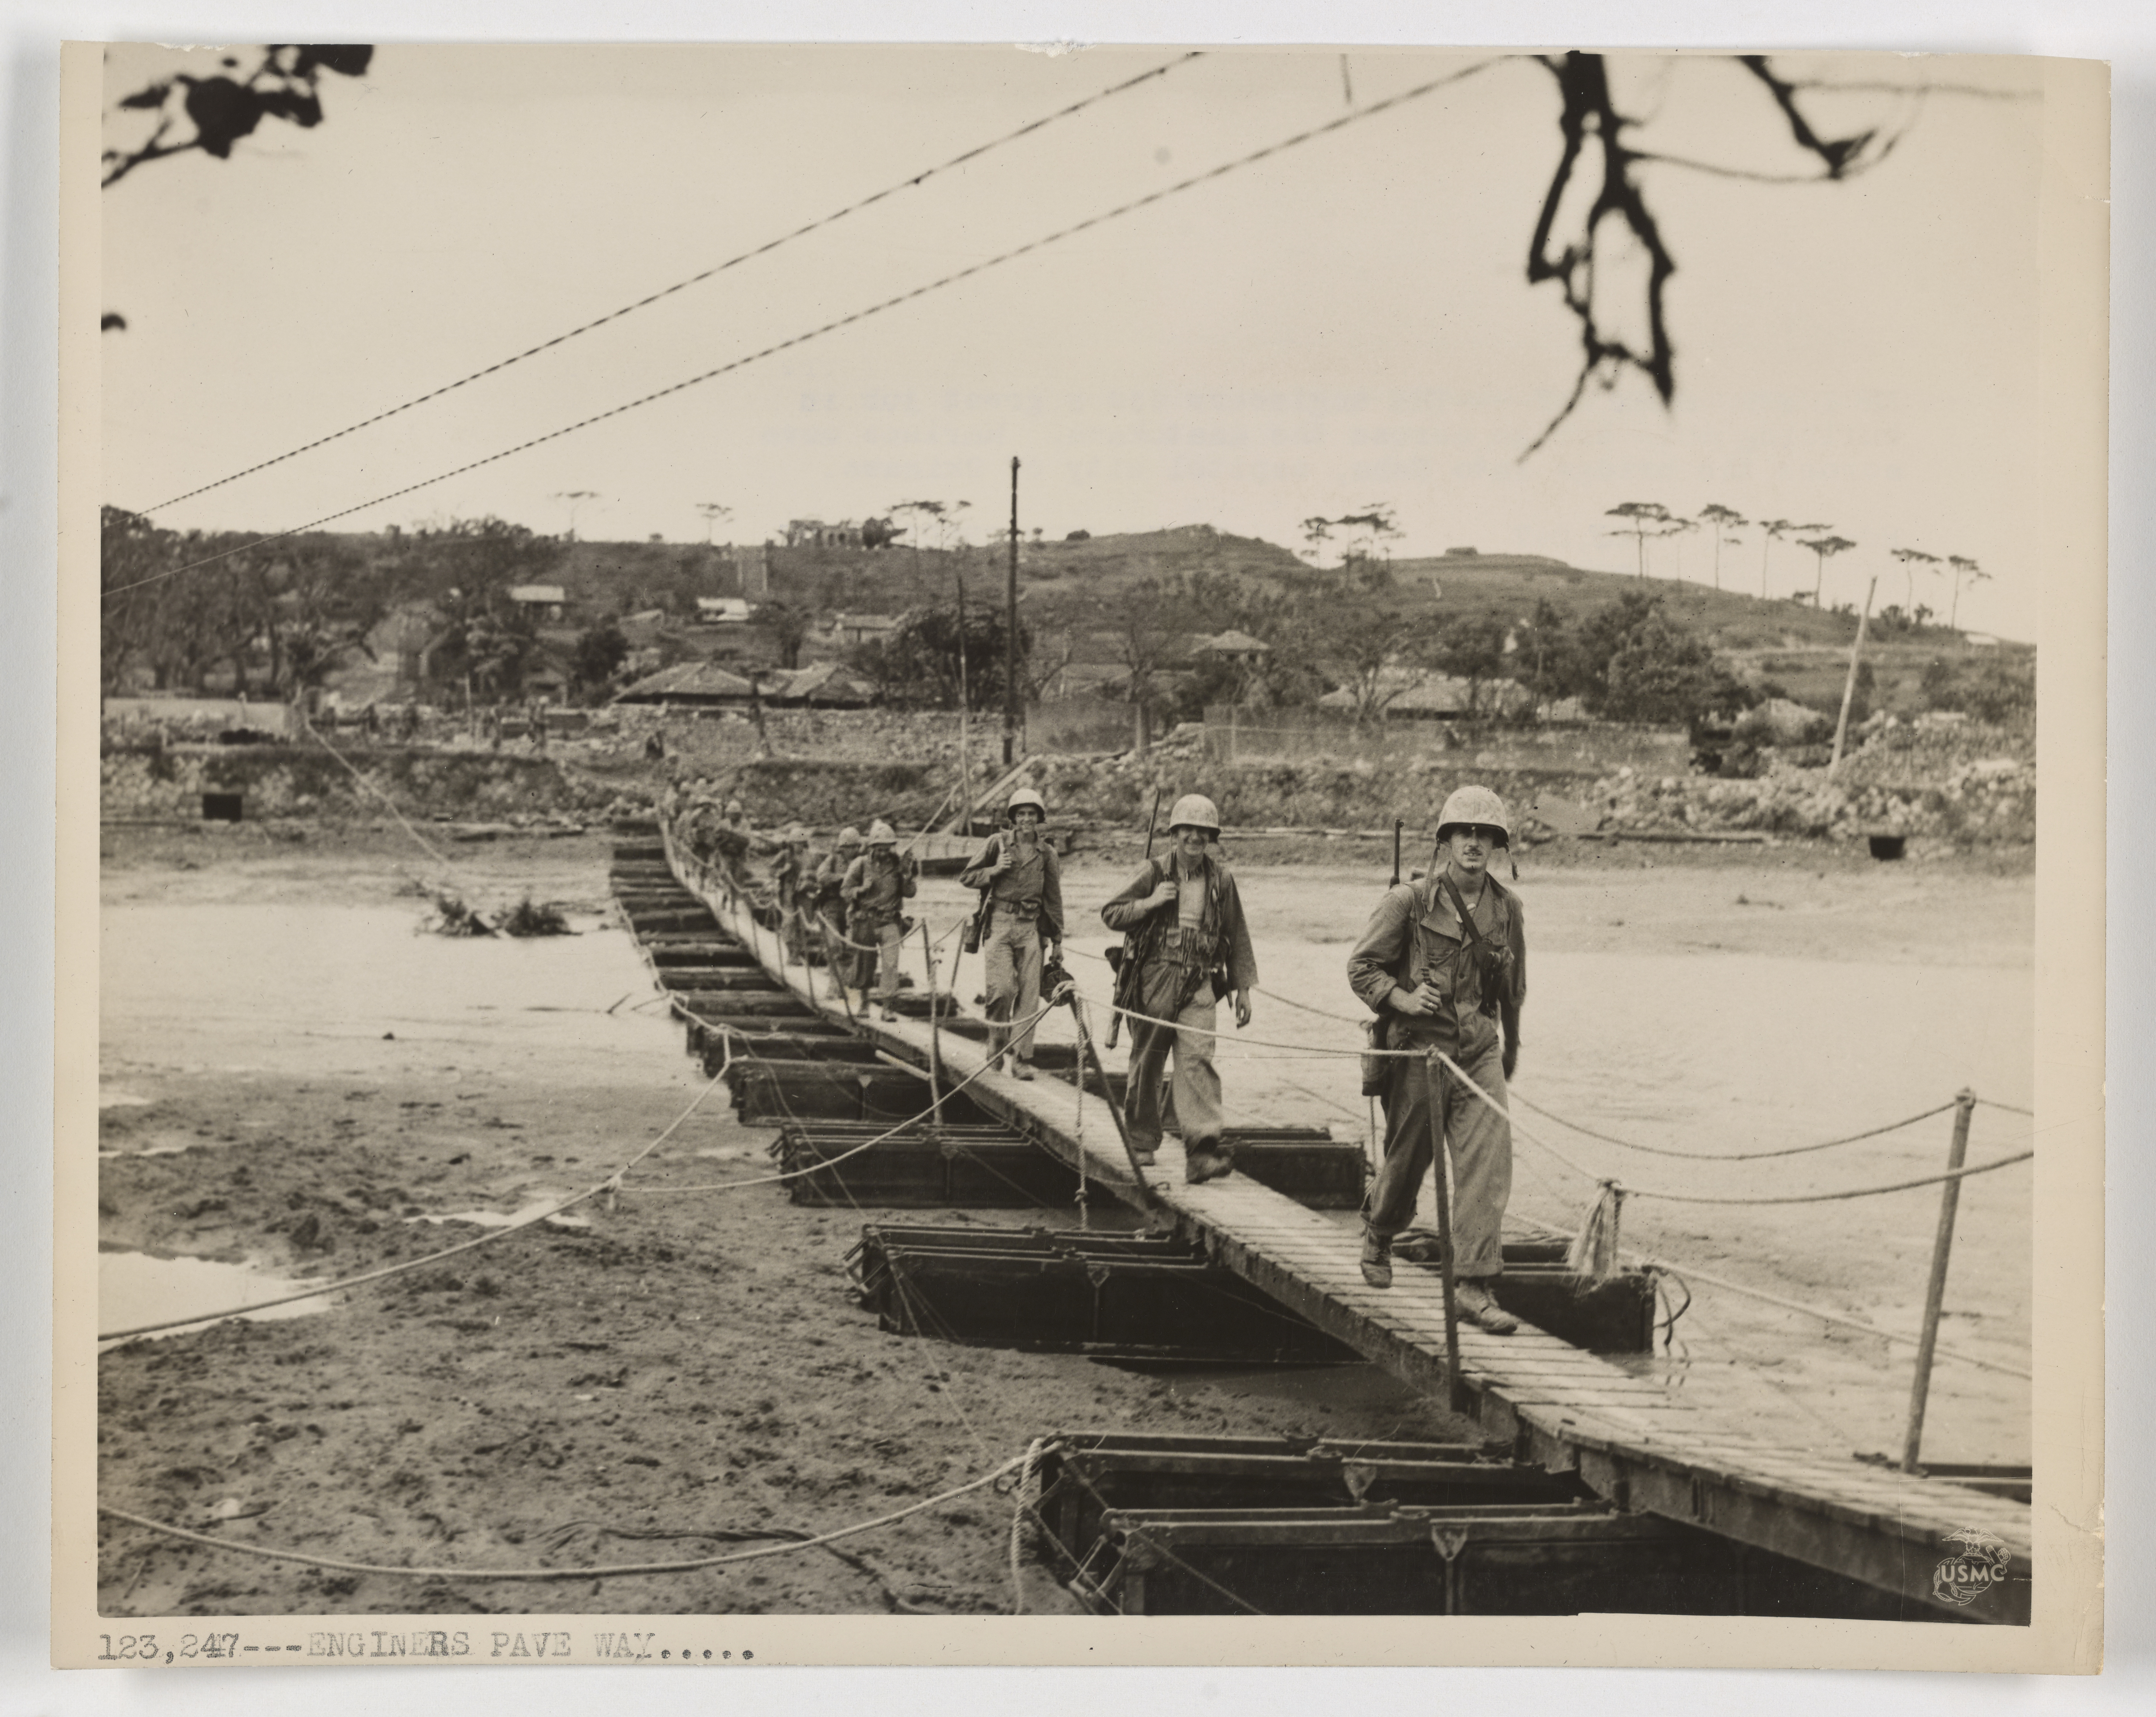 World War II – Okinawa